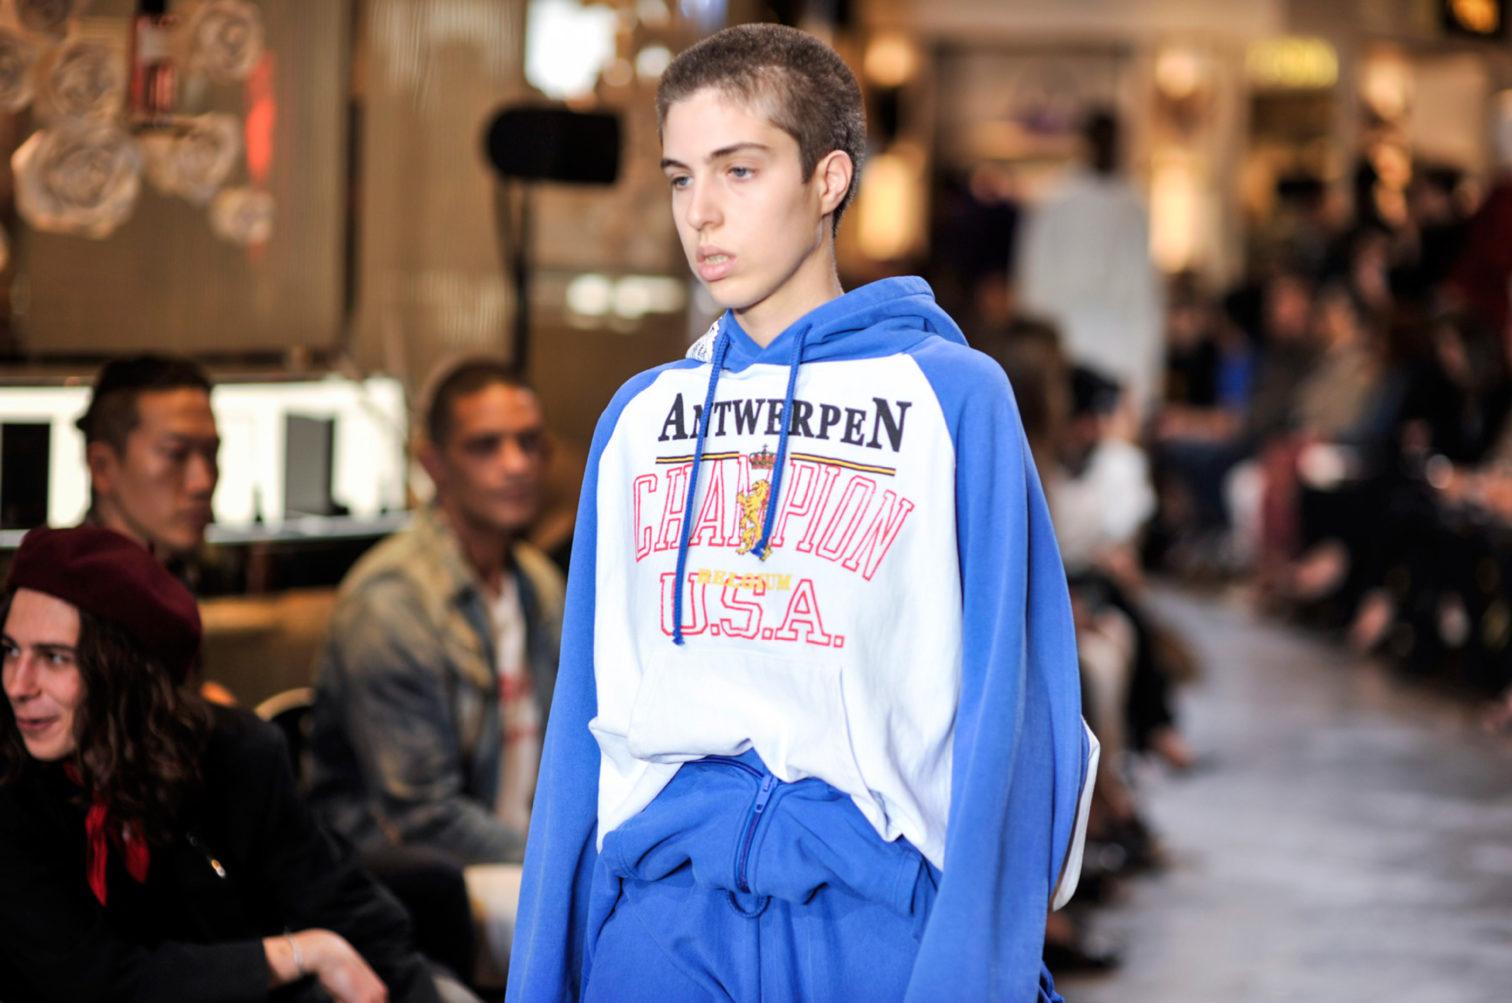 Через них эти бренды заявили о серьезных амбициях именно в моде. С той же  целью производители спортивной одежды участвуют в показах модных Домов, ... b928bce5ed1